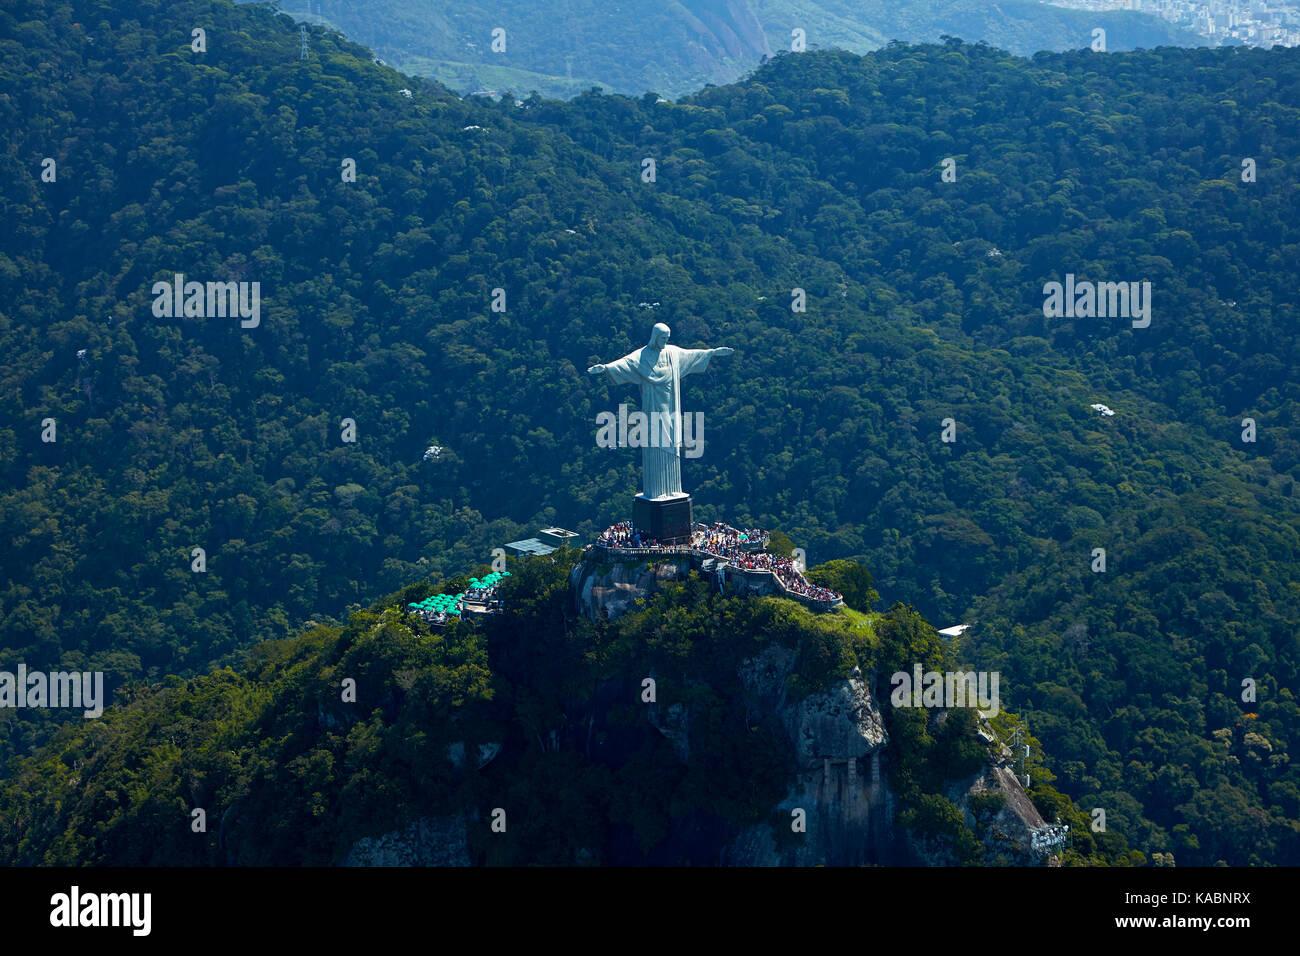 Riesige Statue von Christus dem Erlöser auf dem Corcovado, Rio de Janeiro, Brasilien, Südamerika - Antenne Stockbild